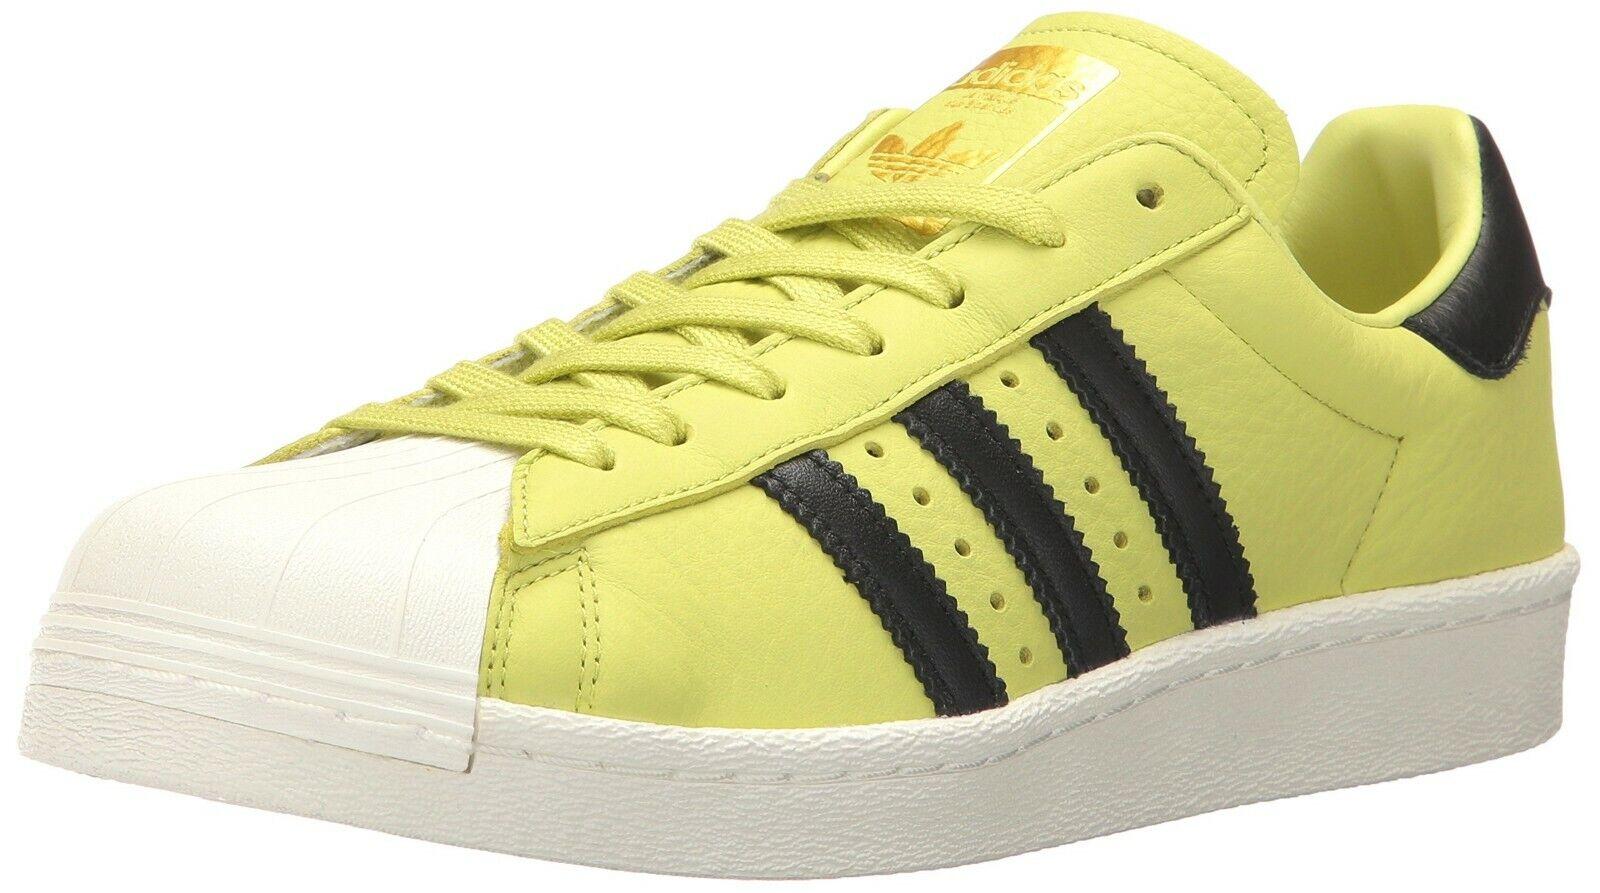 Adidas de cuero cortos Superstar amarillo negro nuevo gr 47 1 3 bb2730 gacela campus